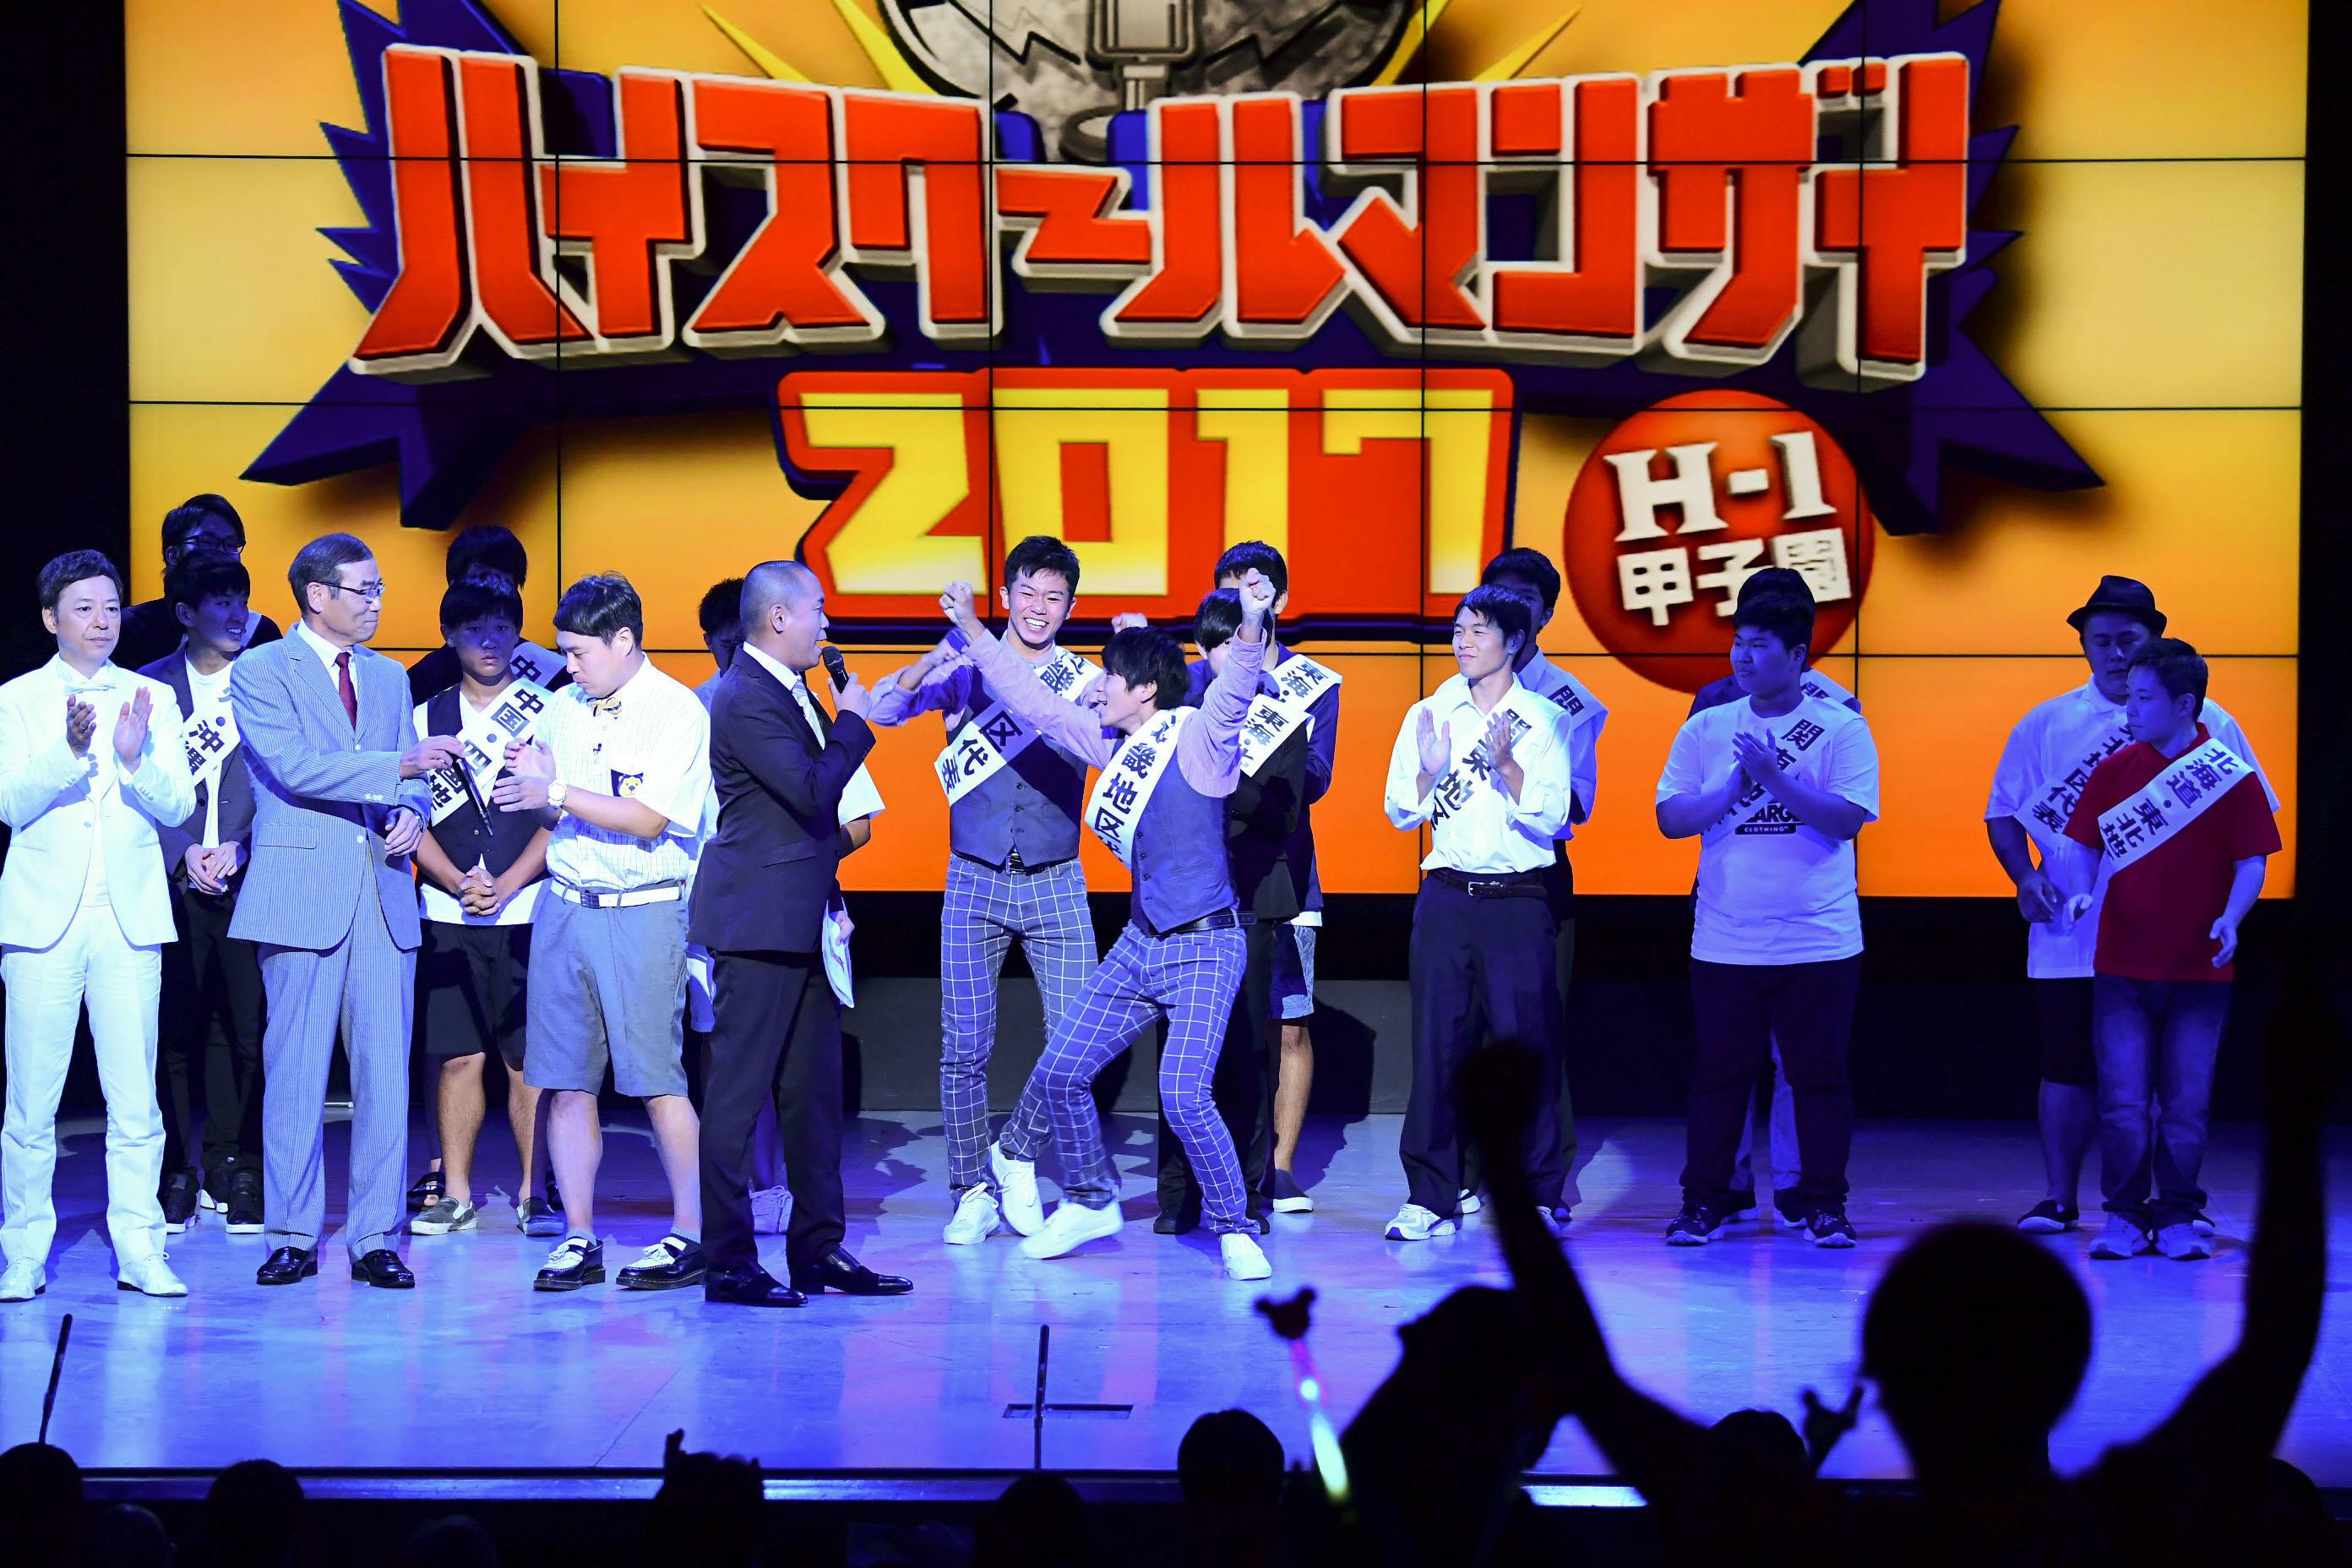 http://news.yoshimoto.co.jp/20170830150104-6f1e56c9be0a53709c4fce4ef342aa81dbdd3ca7.jpg